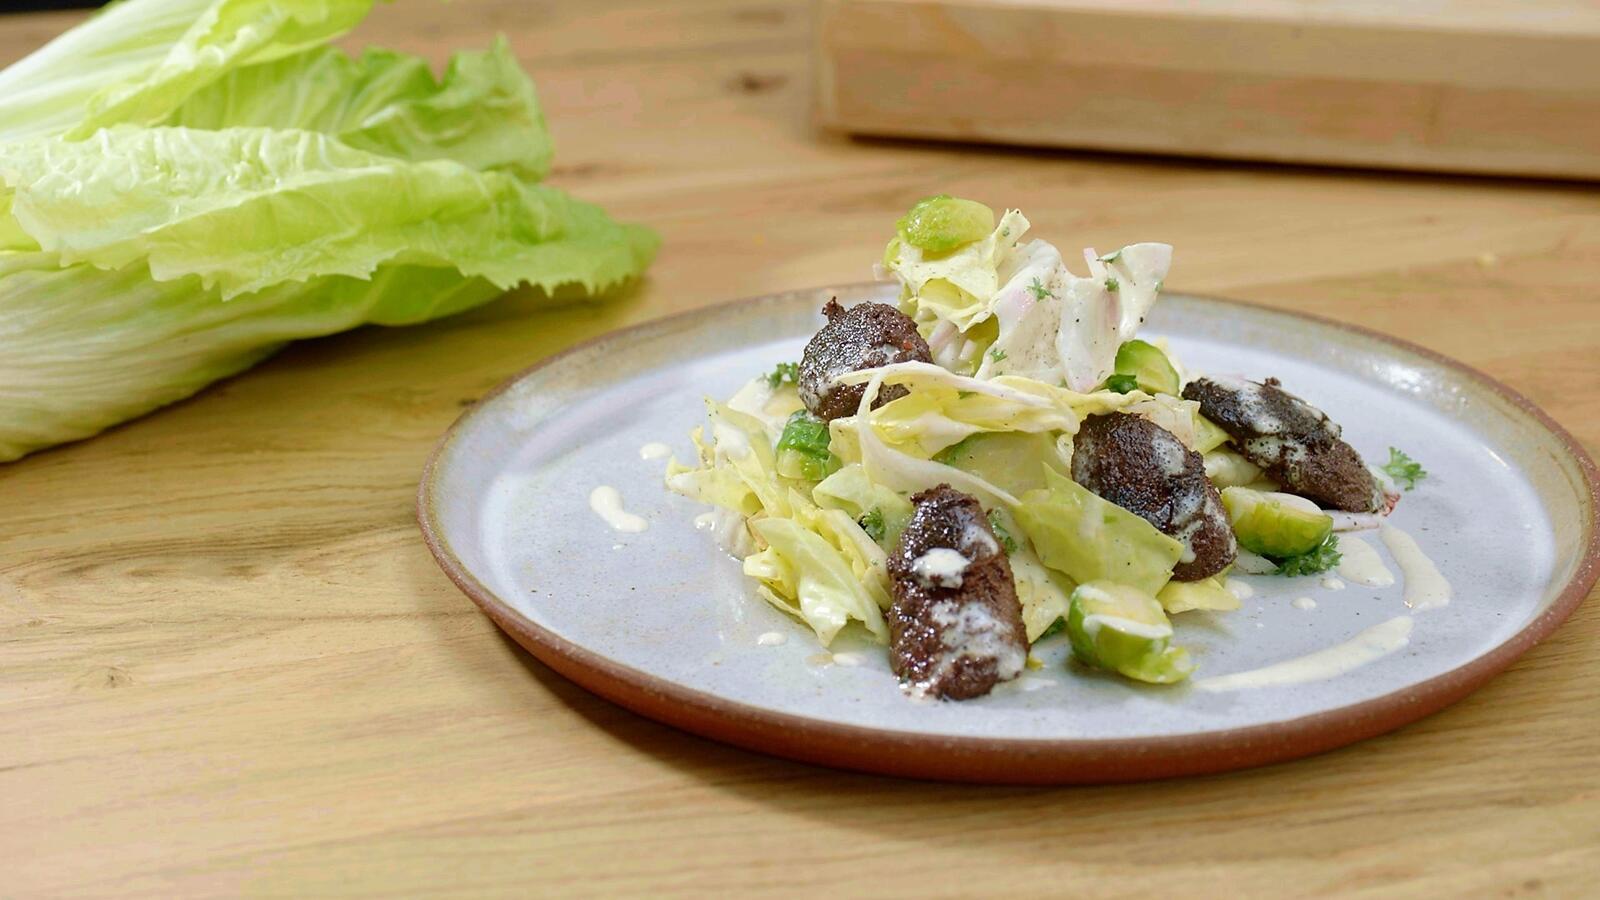 Salade met zwarte pens, suikerbrood en appel